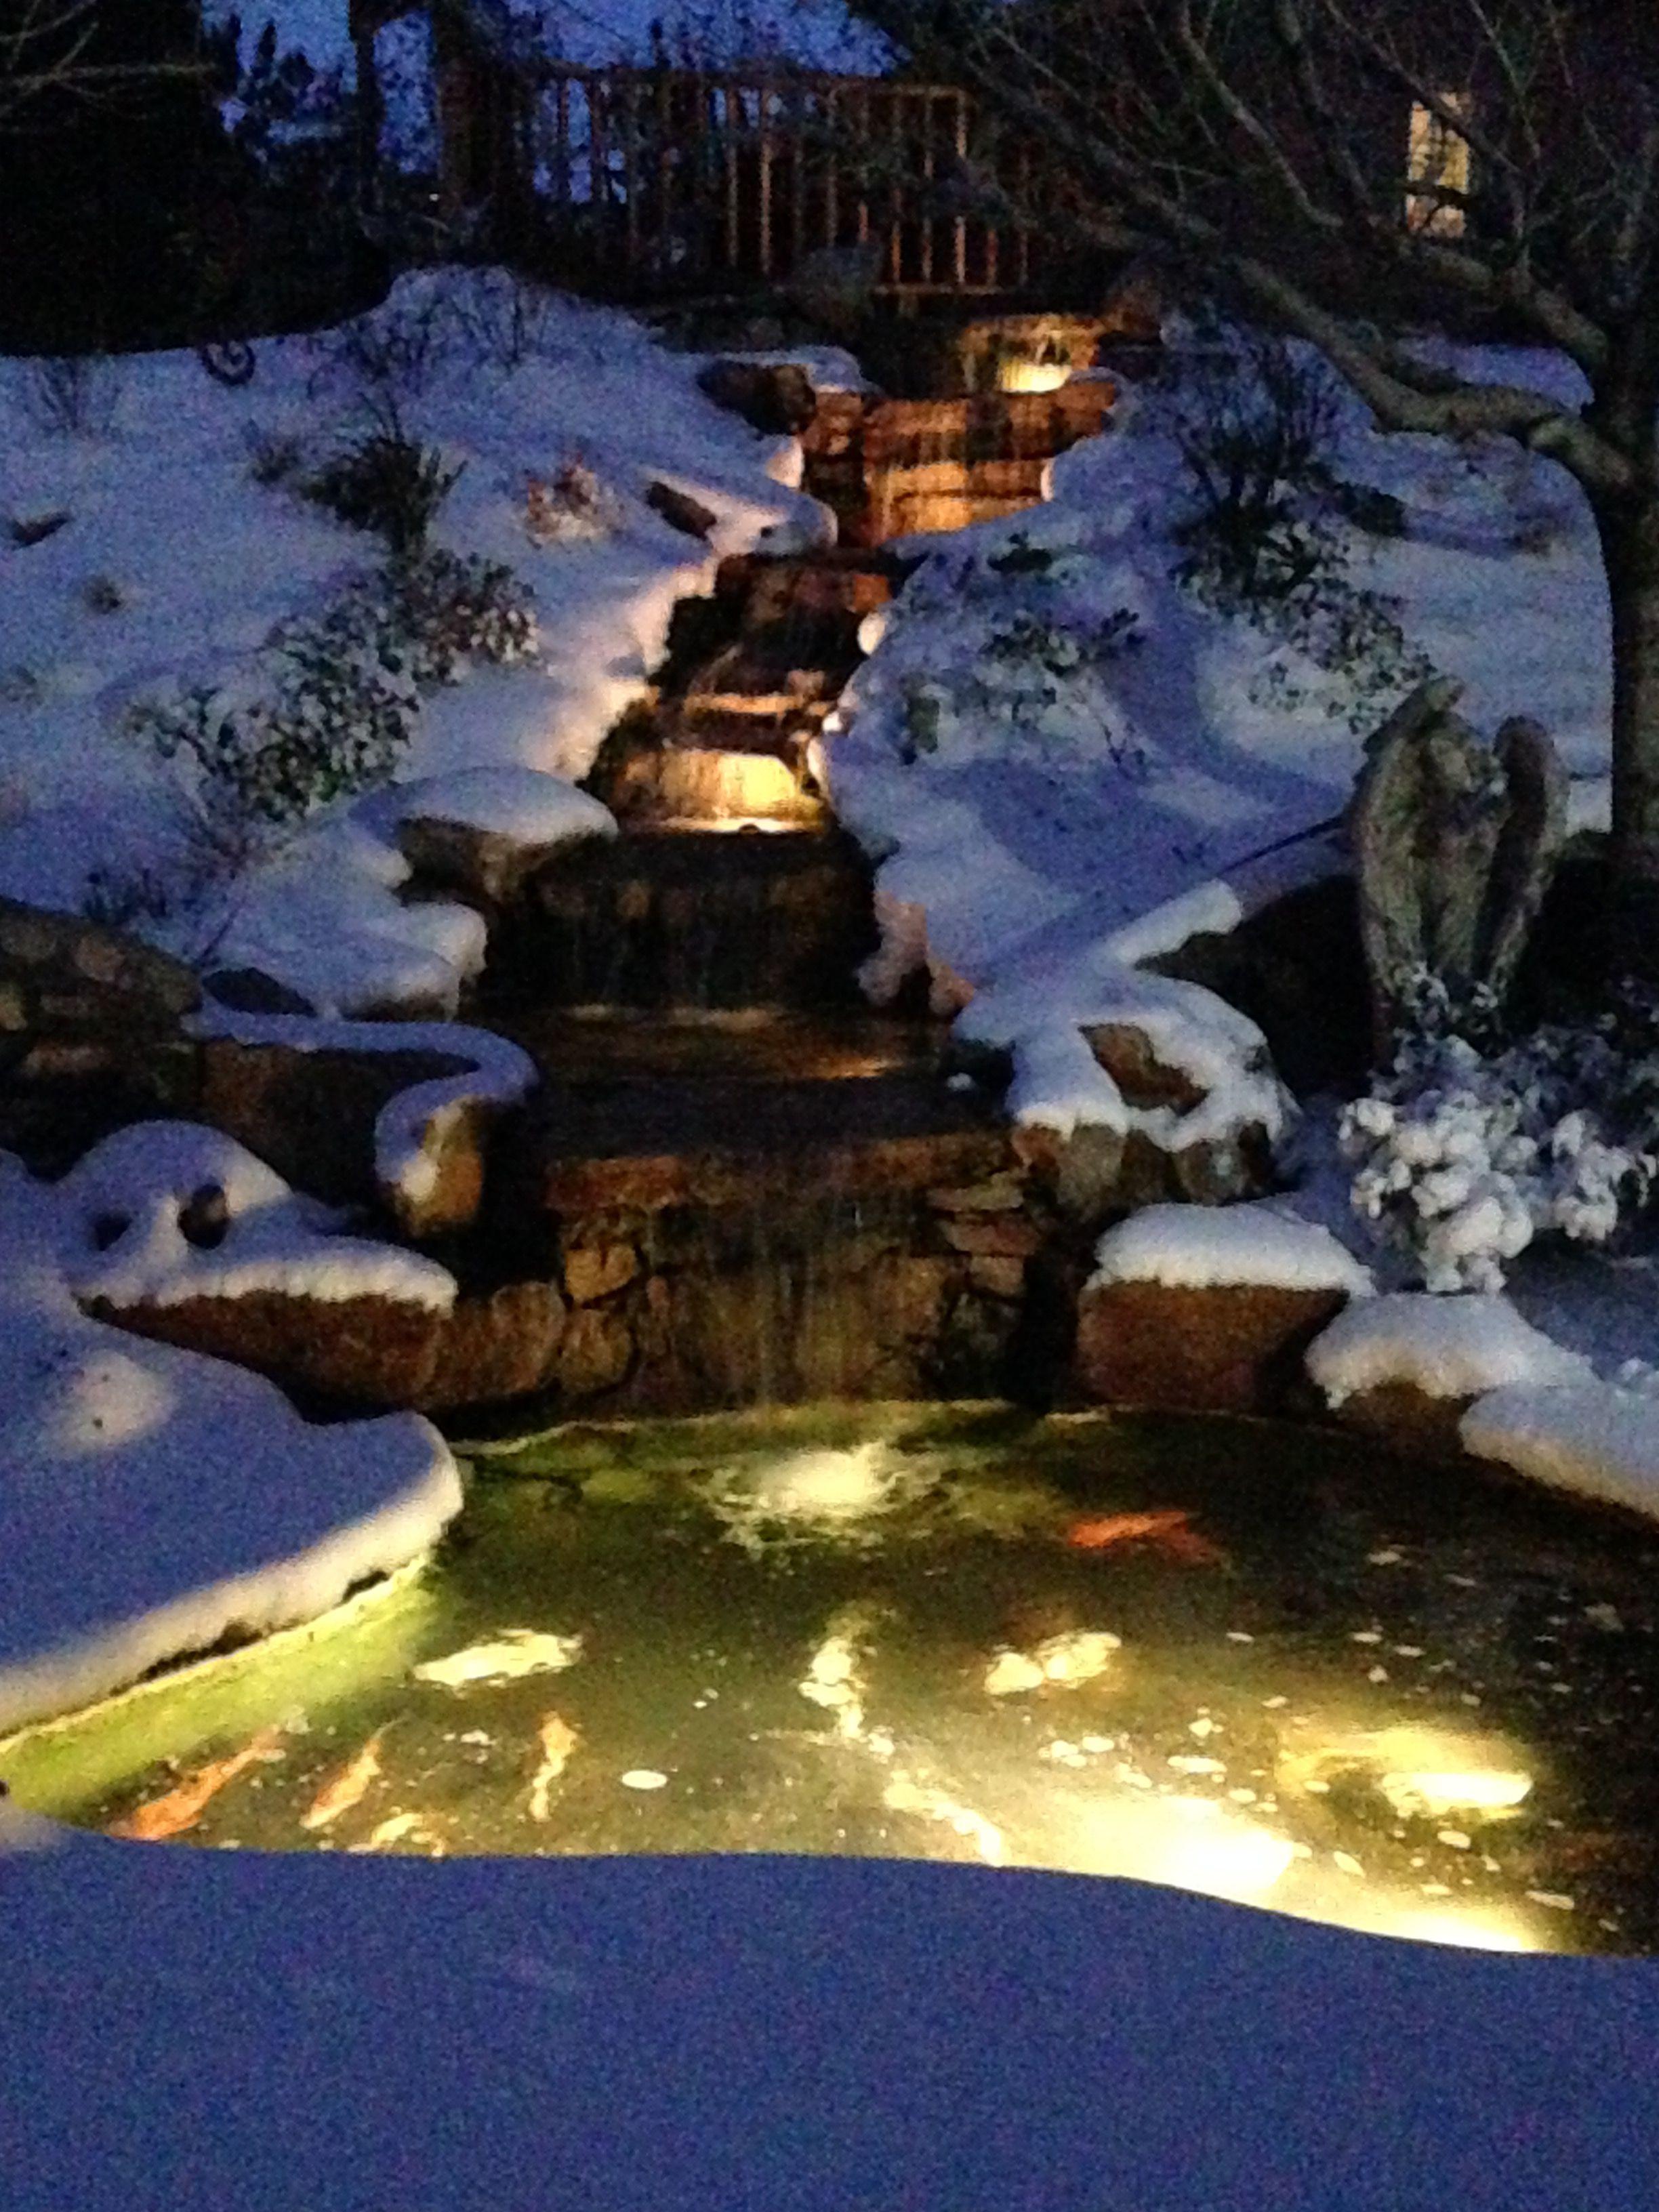 Looks Like My Waterfall In Winter Backyard Water Feature Water Gardens Pond Winter Garden